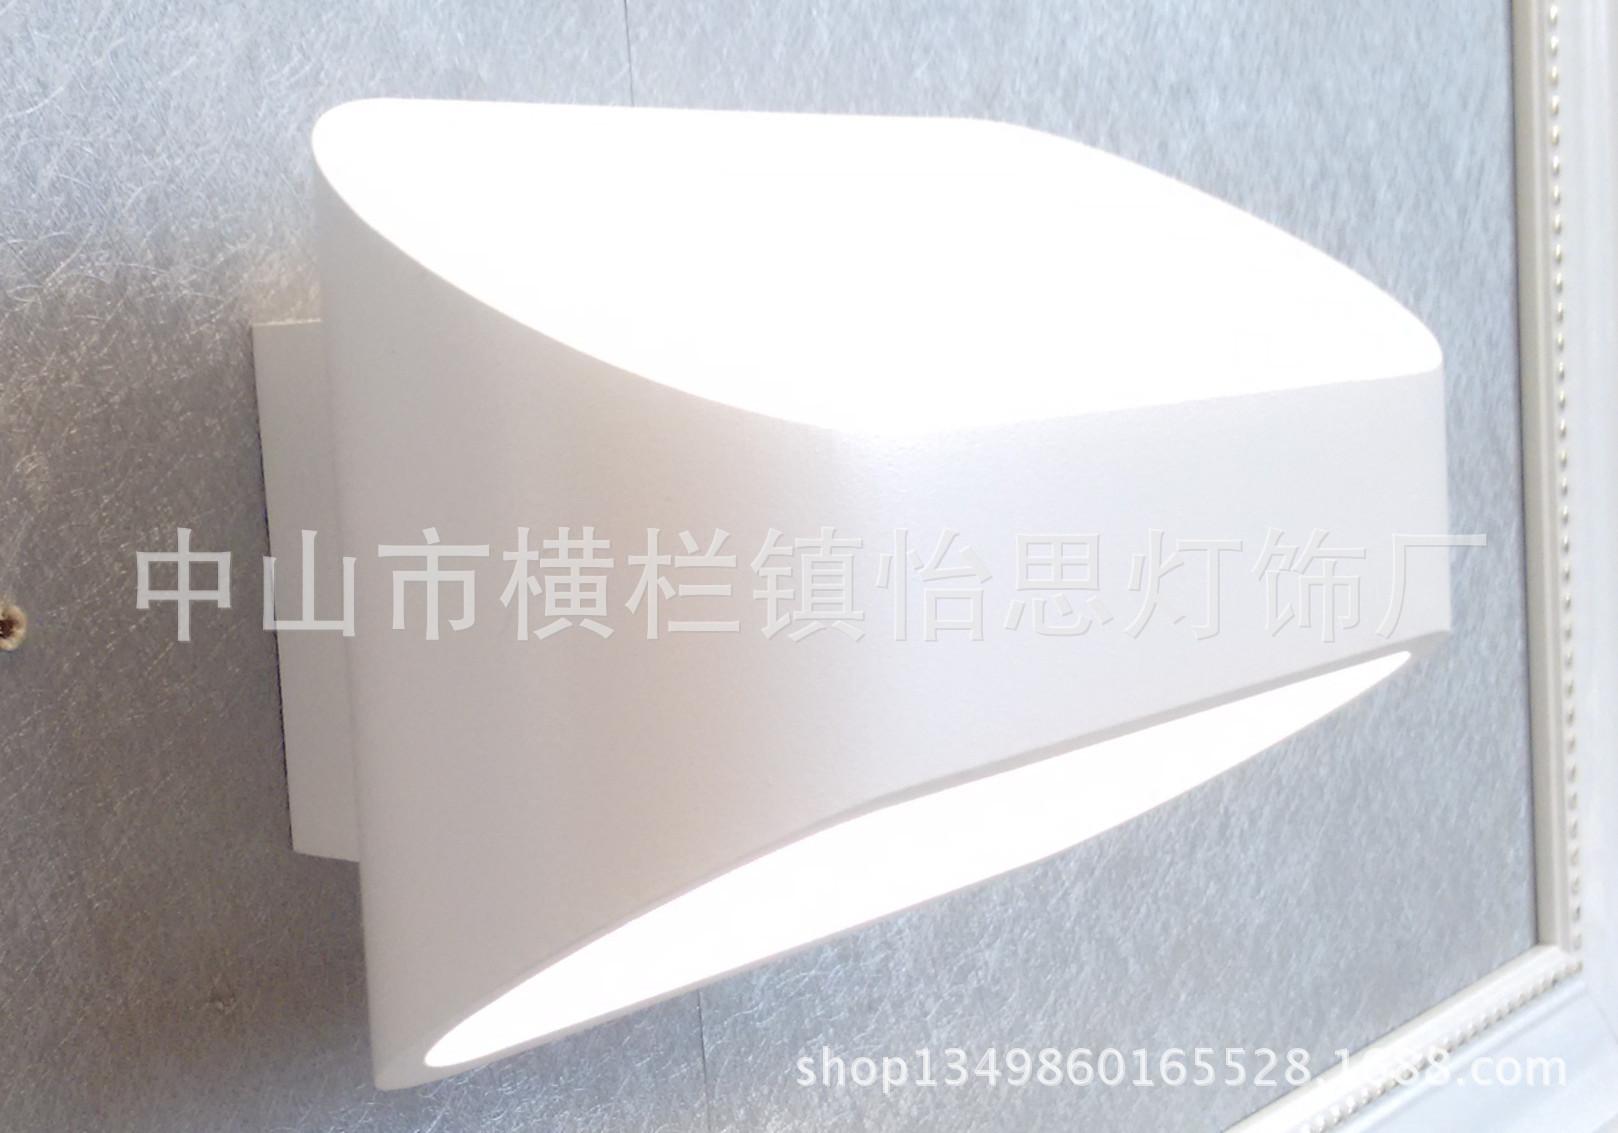 西宁市城北区煜福灯饰照明经营部_顺企网